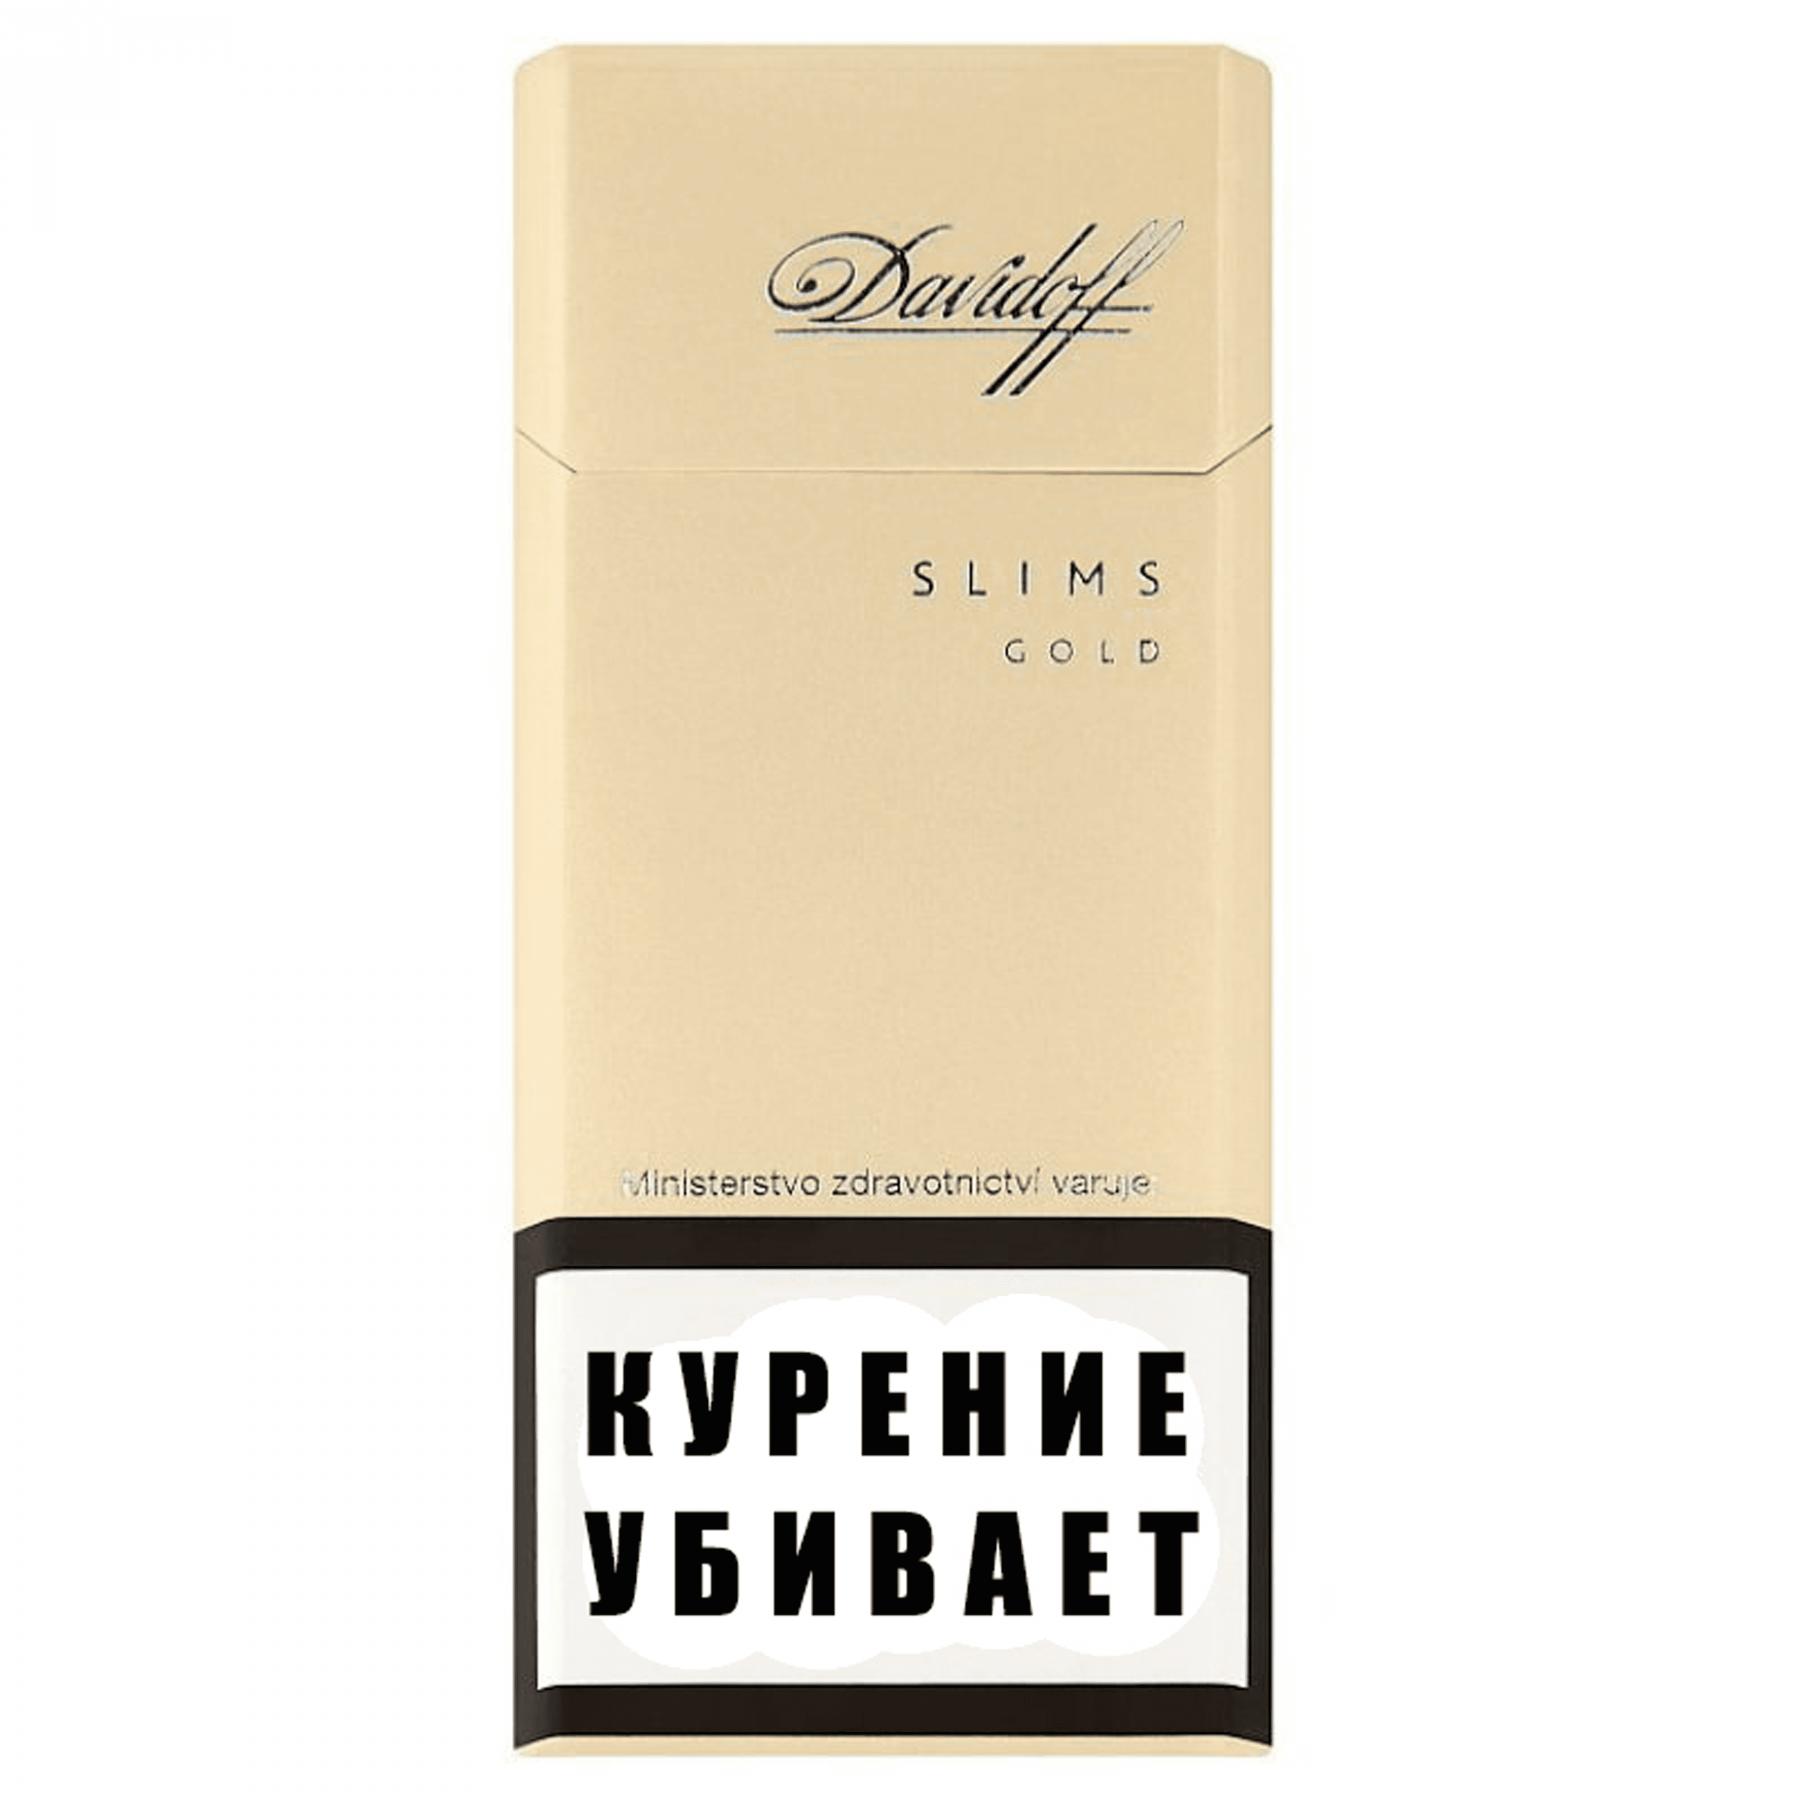 Купить сигареты давыдов спб купить табак на развес для сигарет в перми цены